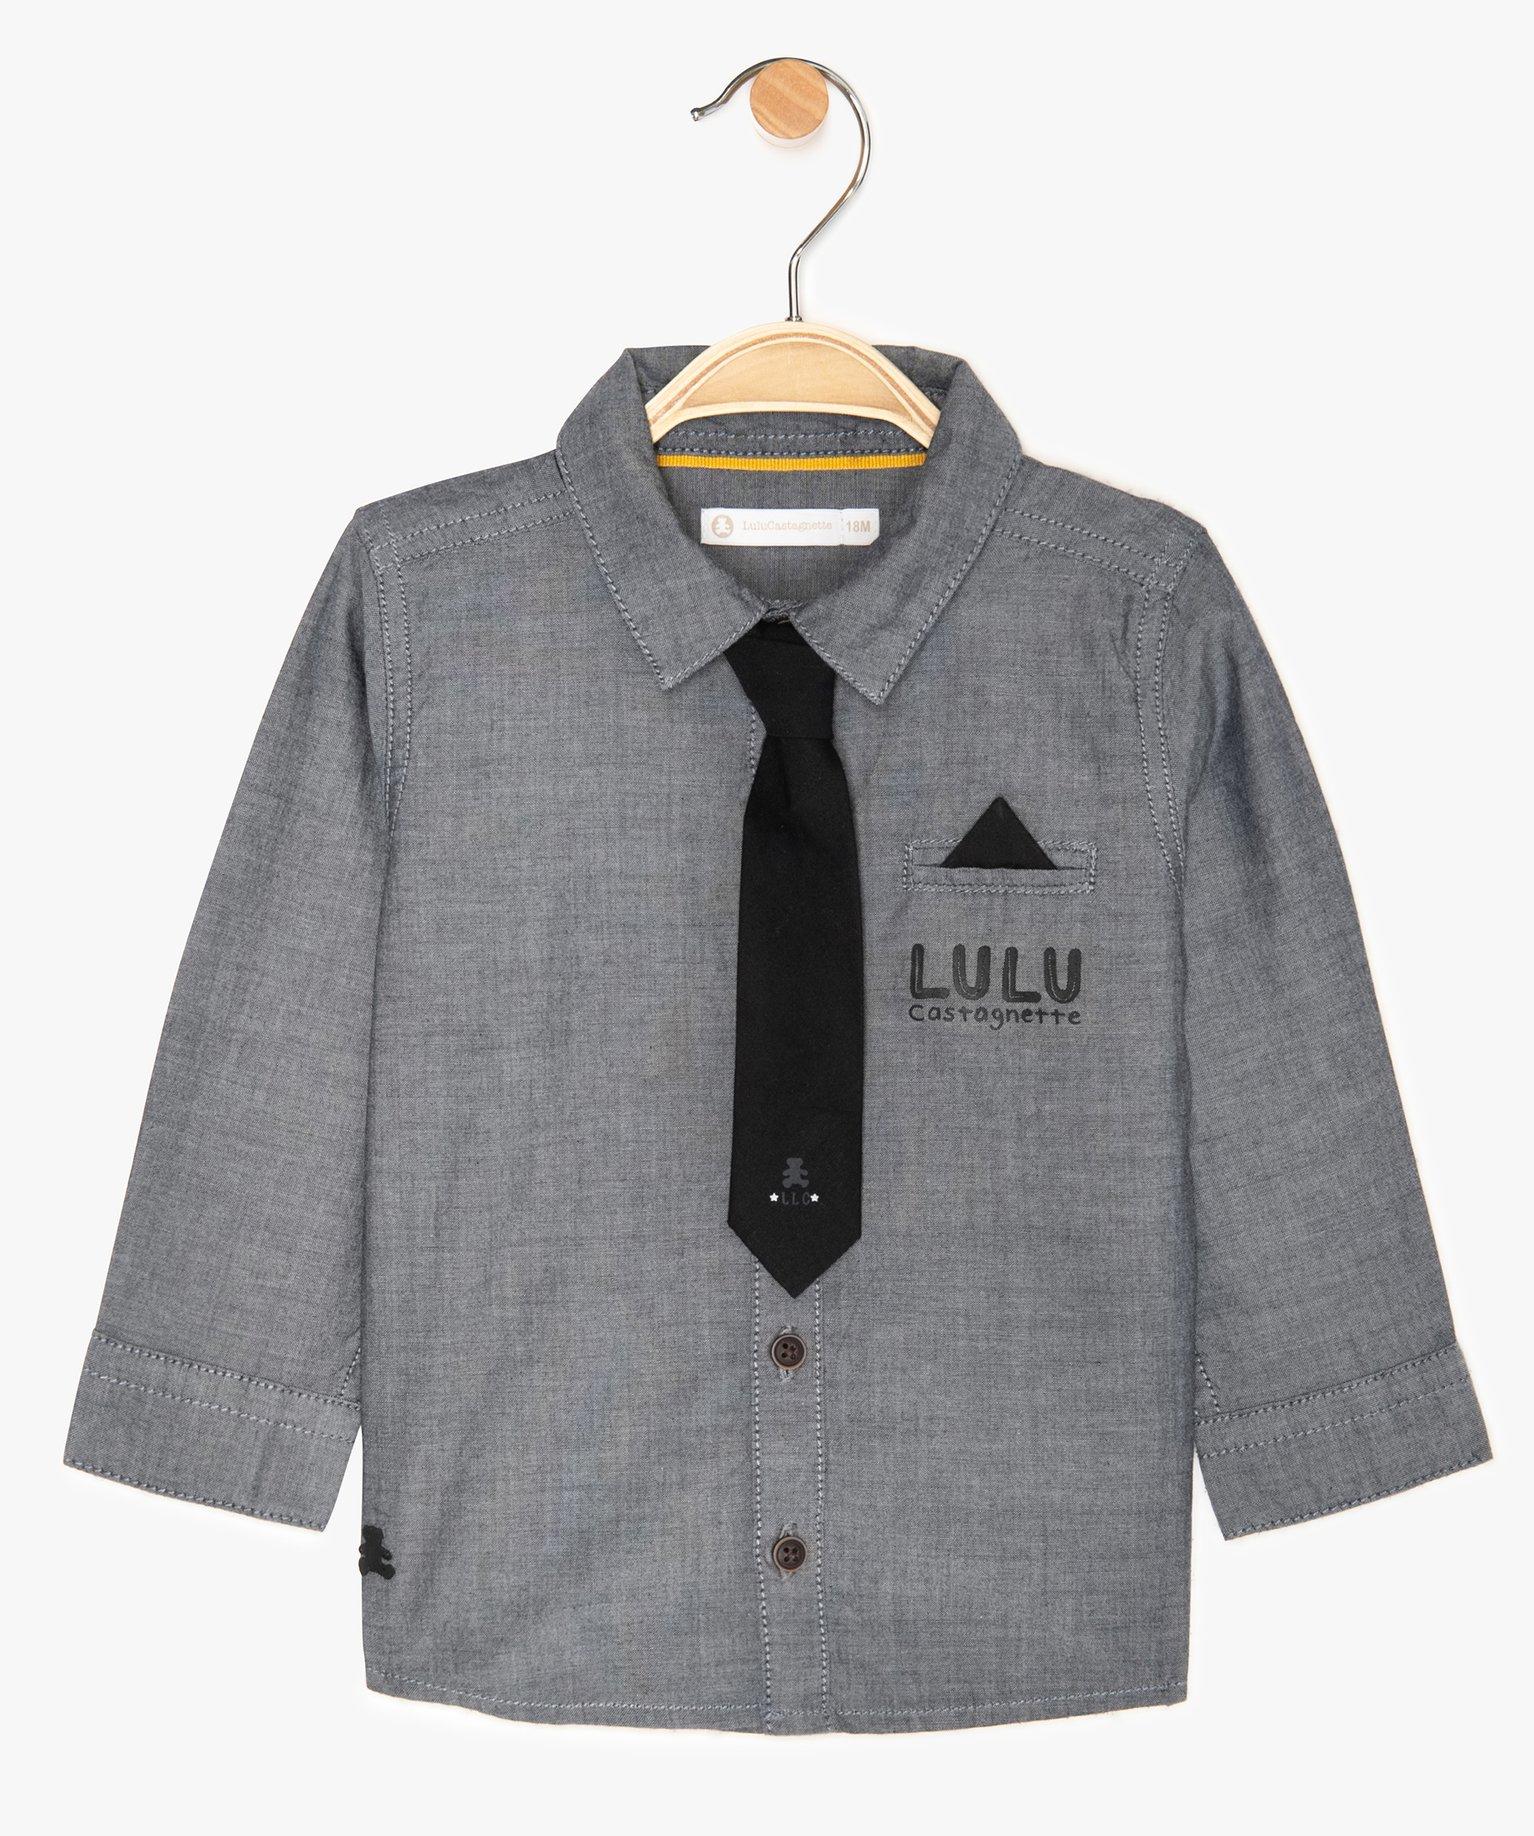 Chemise bébé garçon avec cravate à scratch – Lulu Castagnette